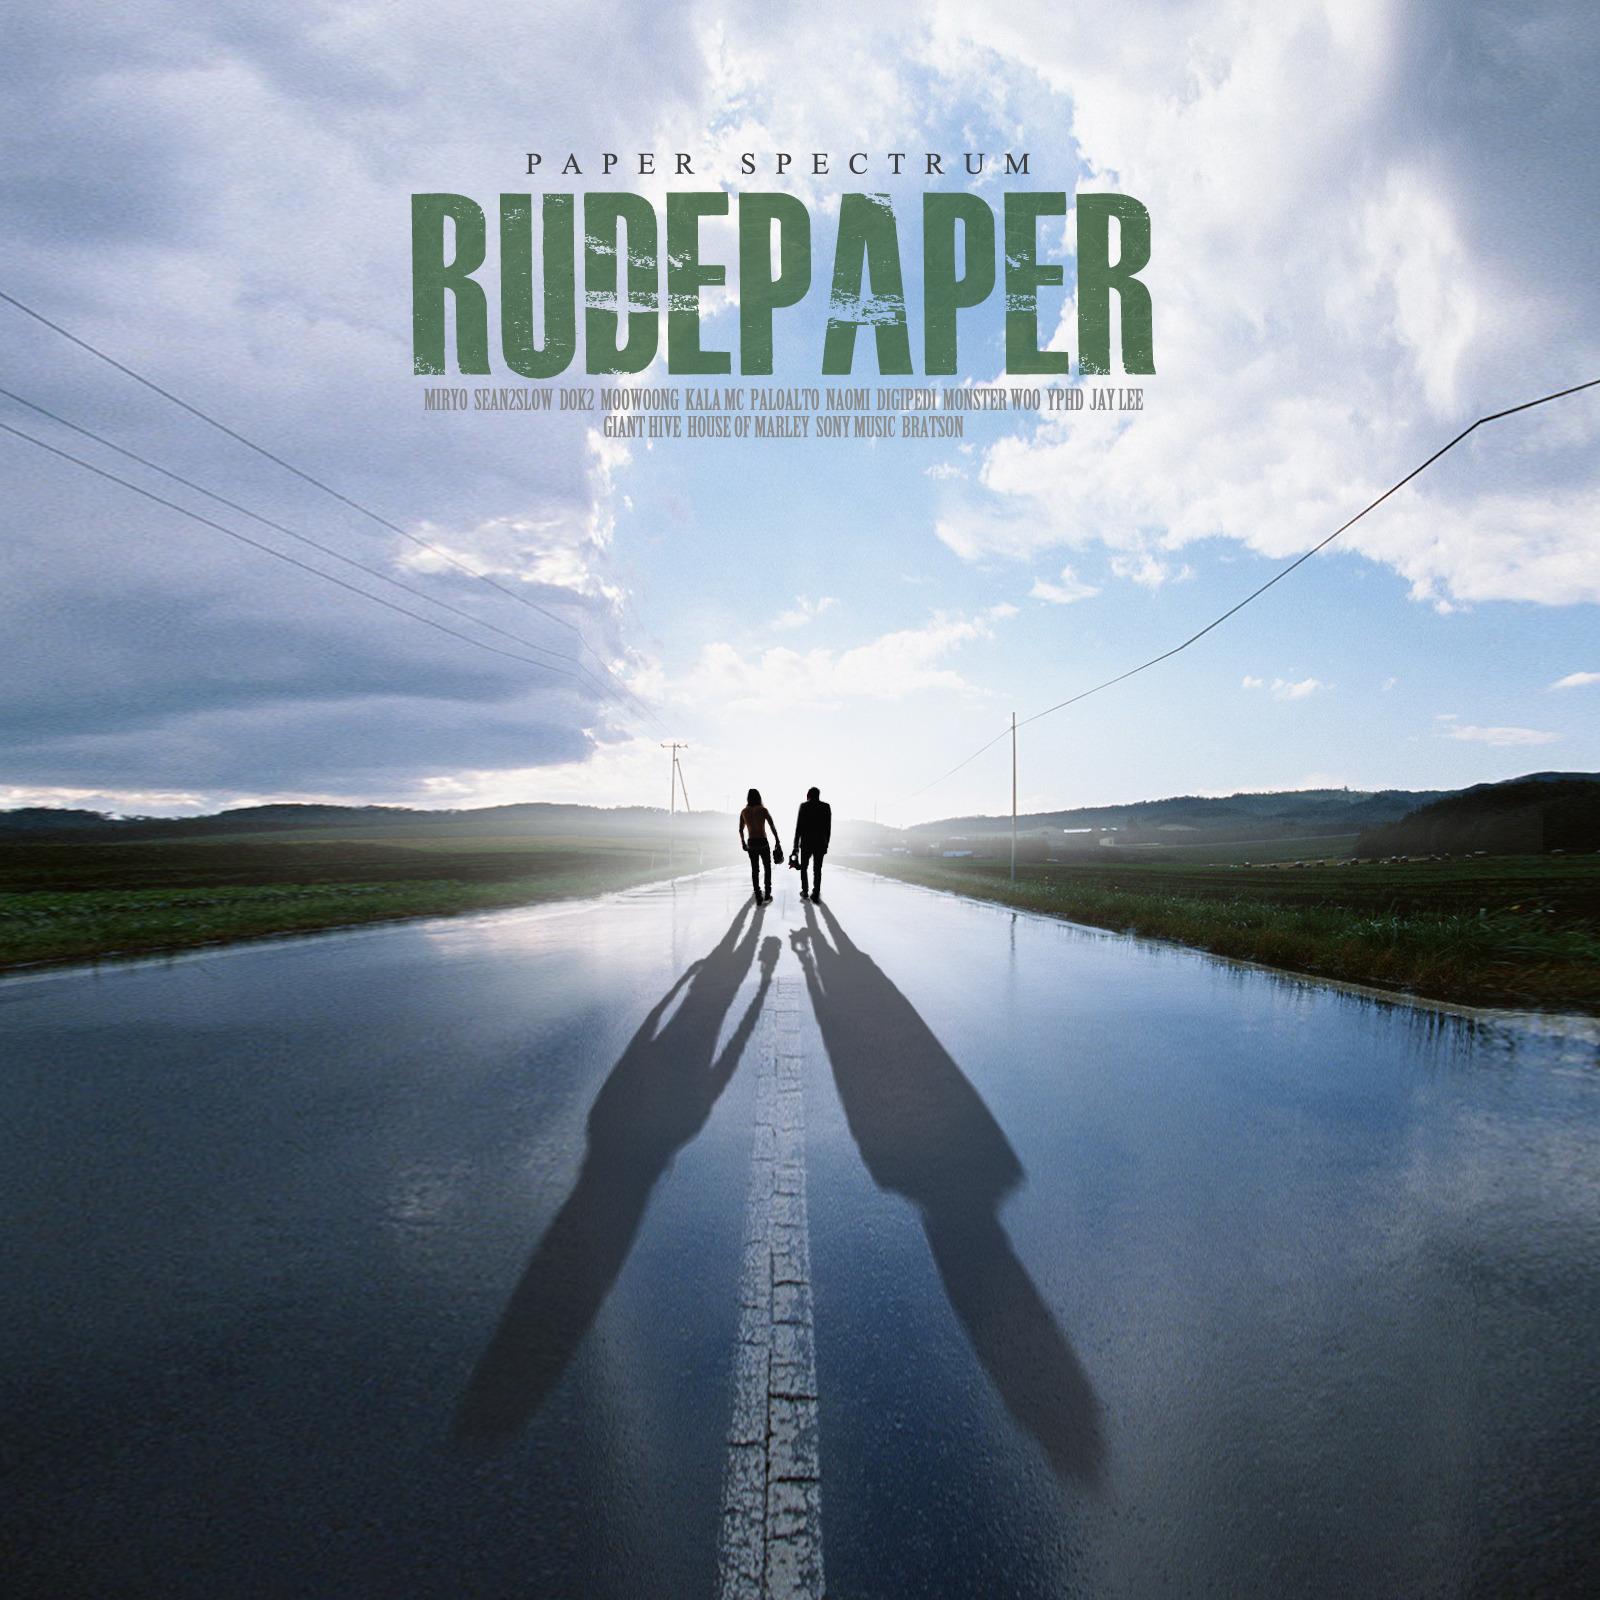 Rude Paper-Paper Spectrum